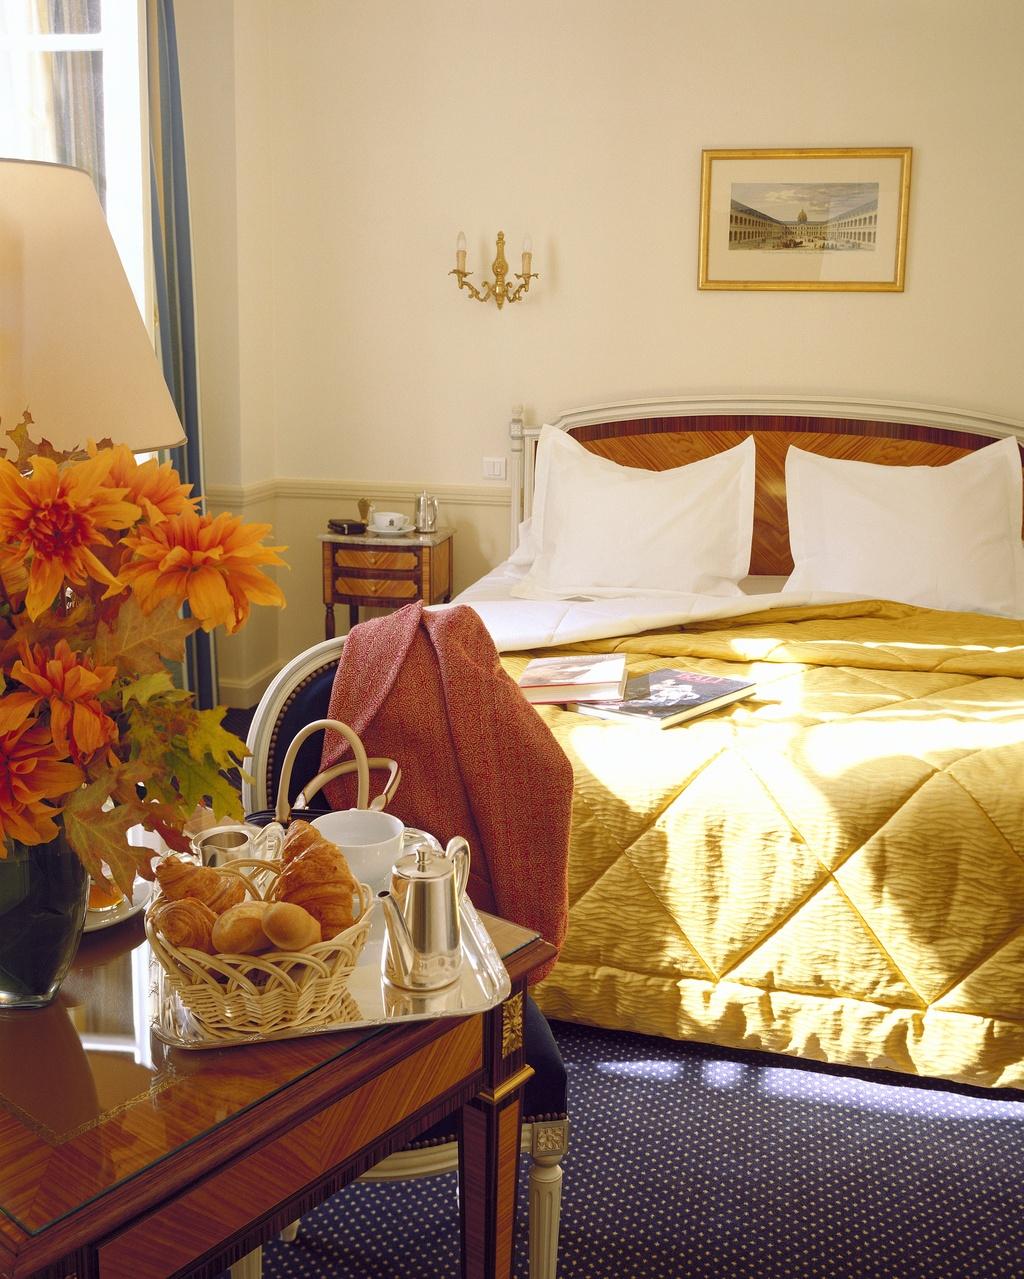 hotel de su de saint germain paris 7e arrondissement frankreich. Black Bedroom Furniture Sets. Home Design Ideas